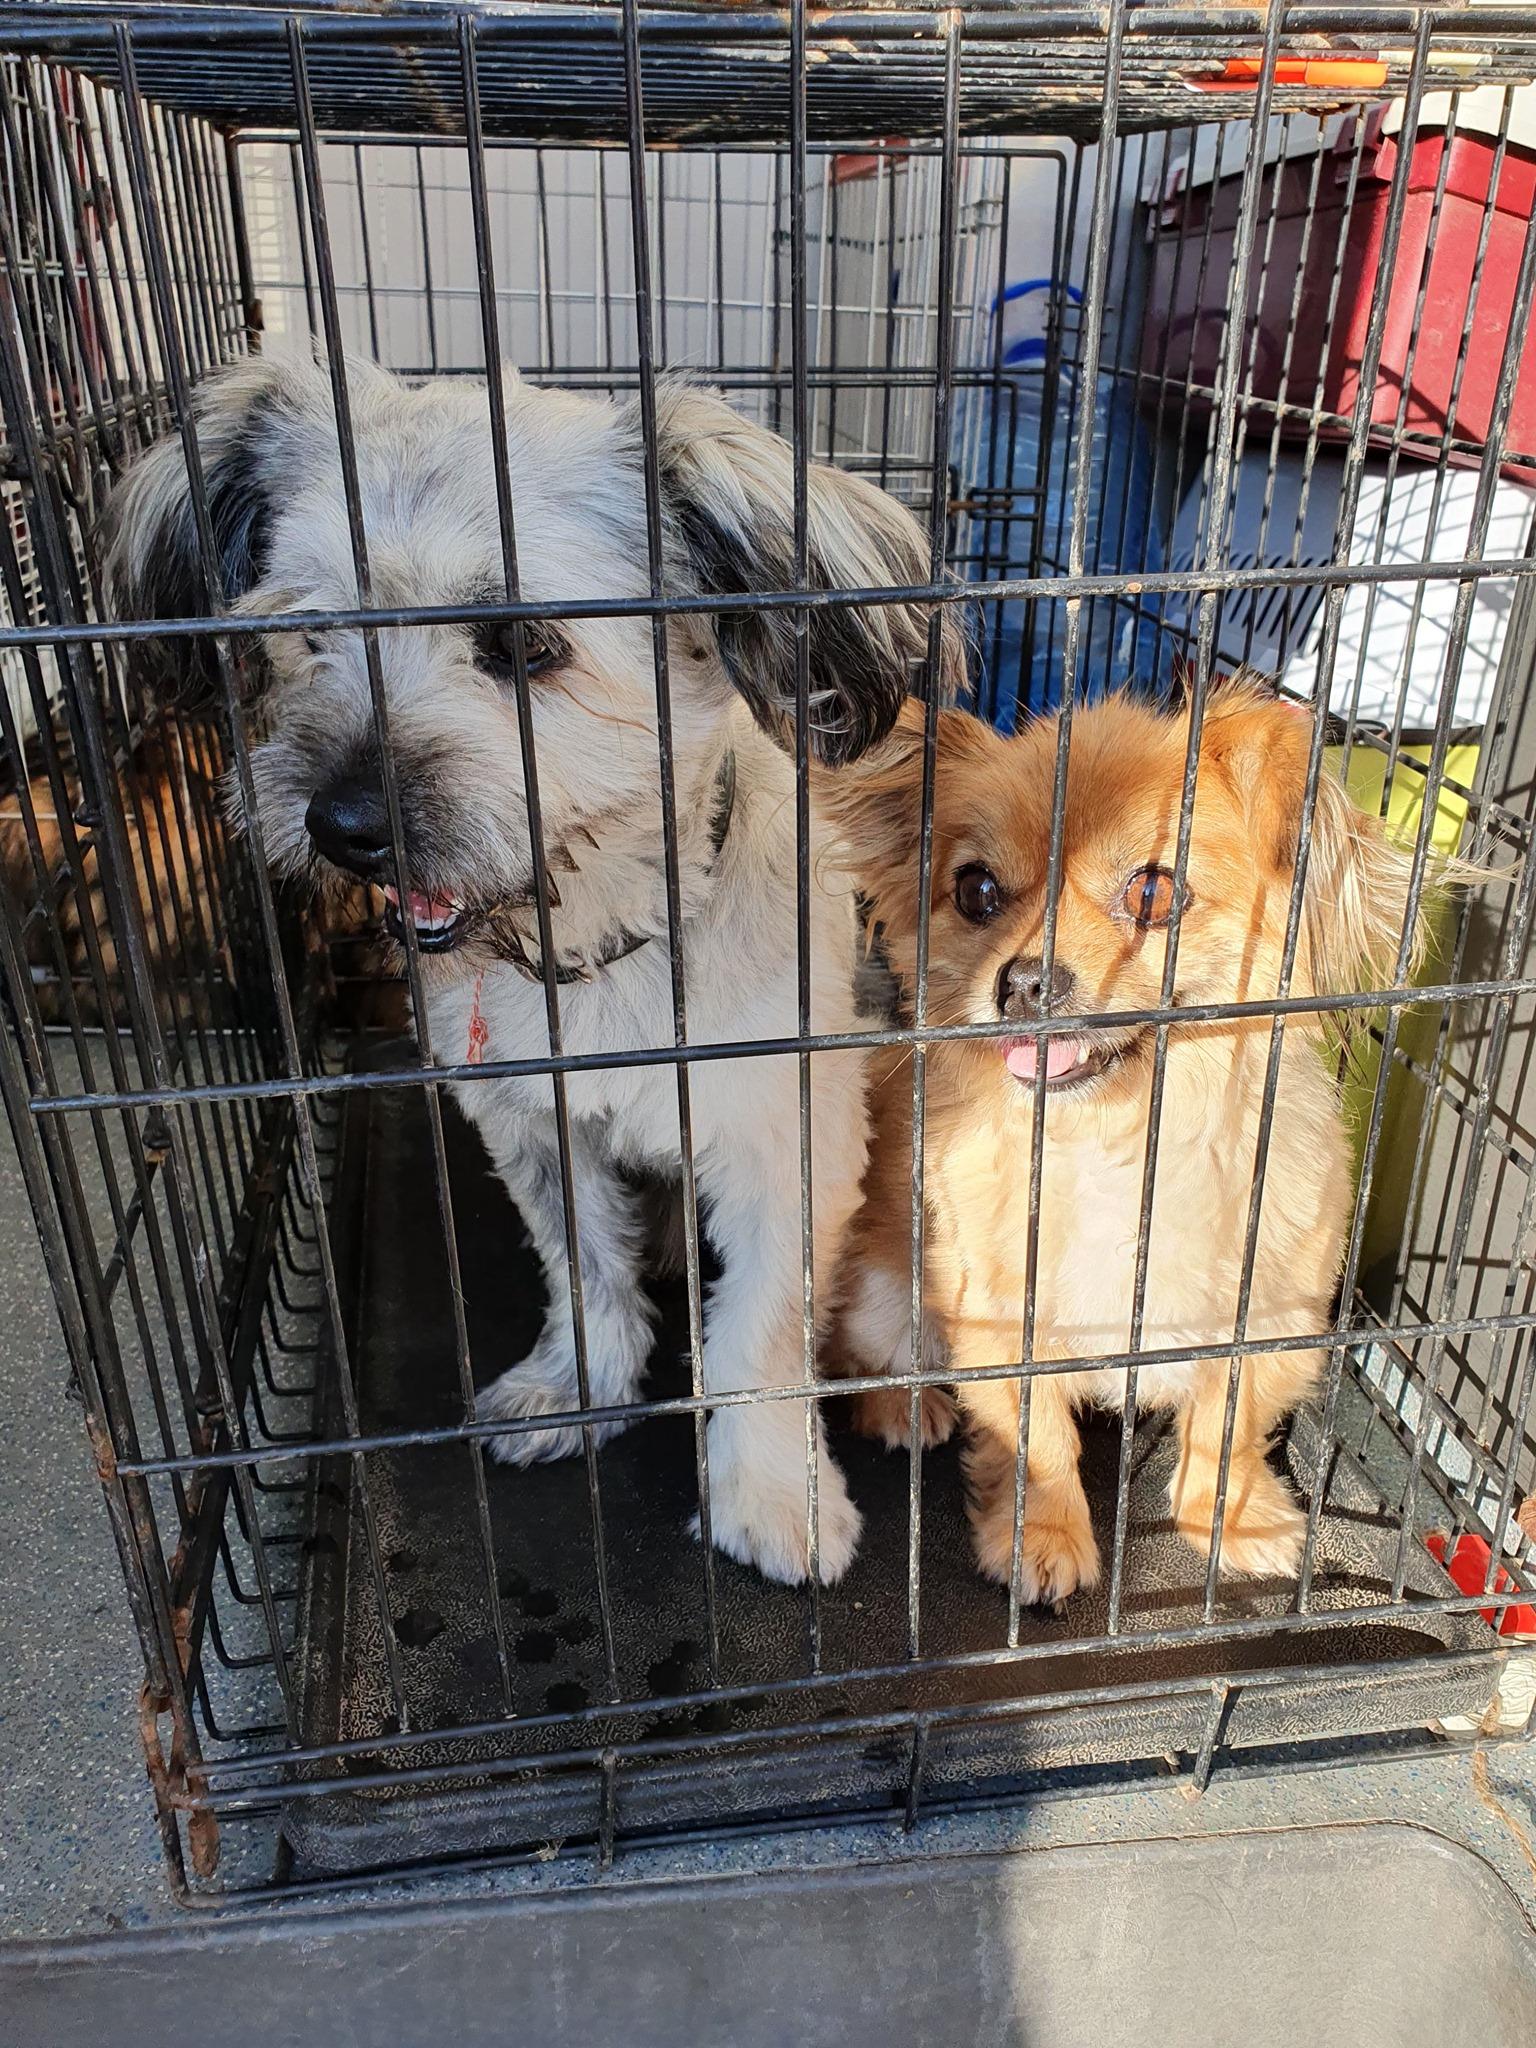 Campanie de sterilizare pisici și câini- Câmpina- cățeluși în așteptare la sterilizare